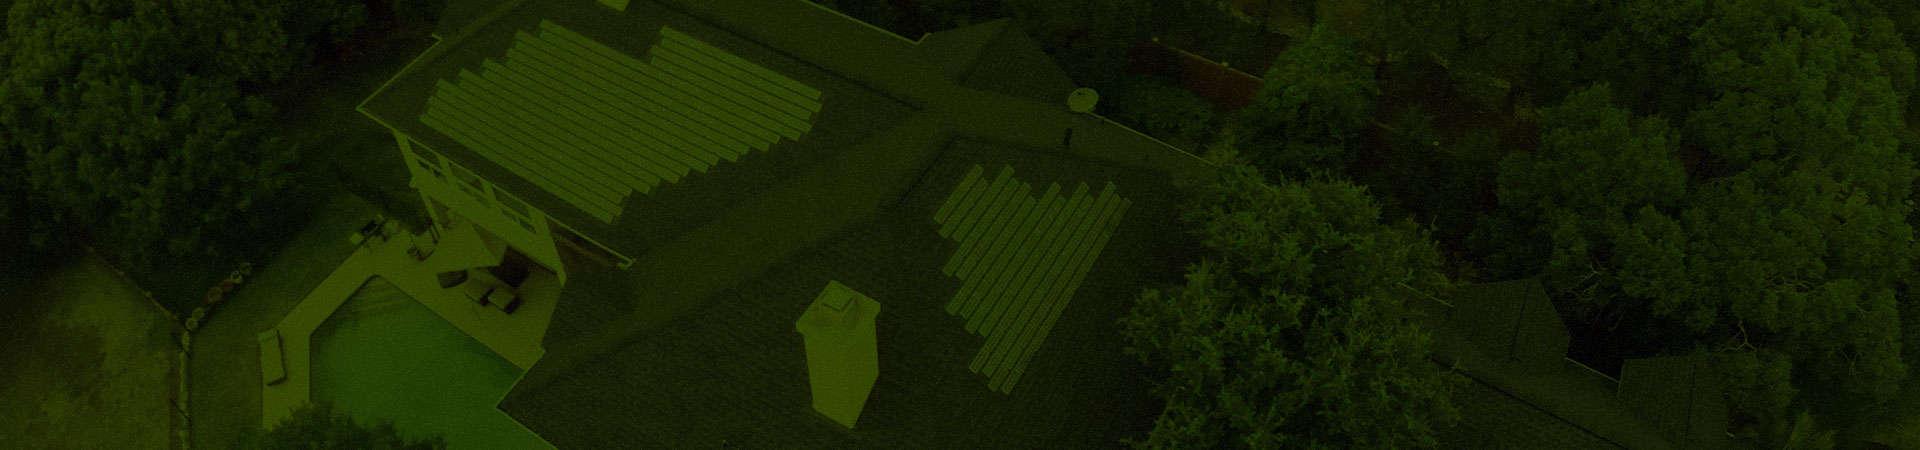 Slide-SolarShingles-BG